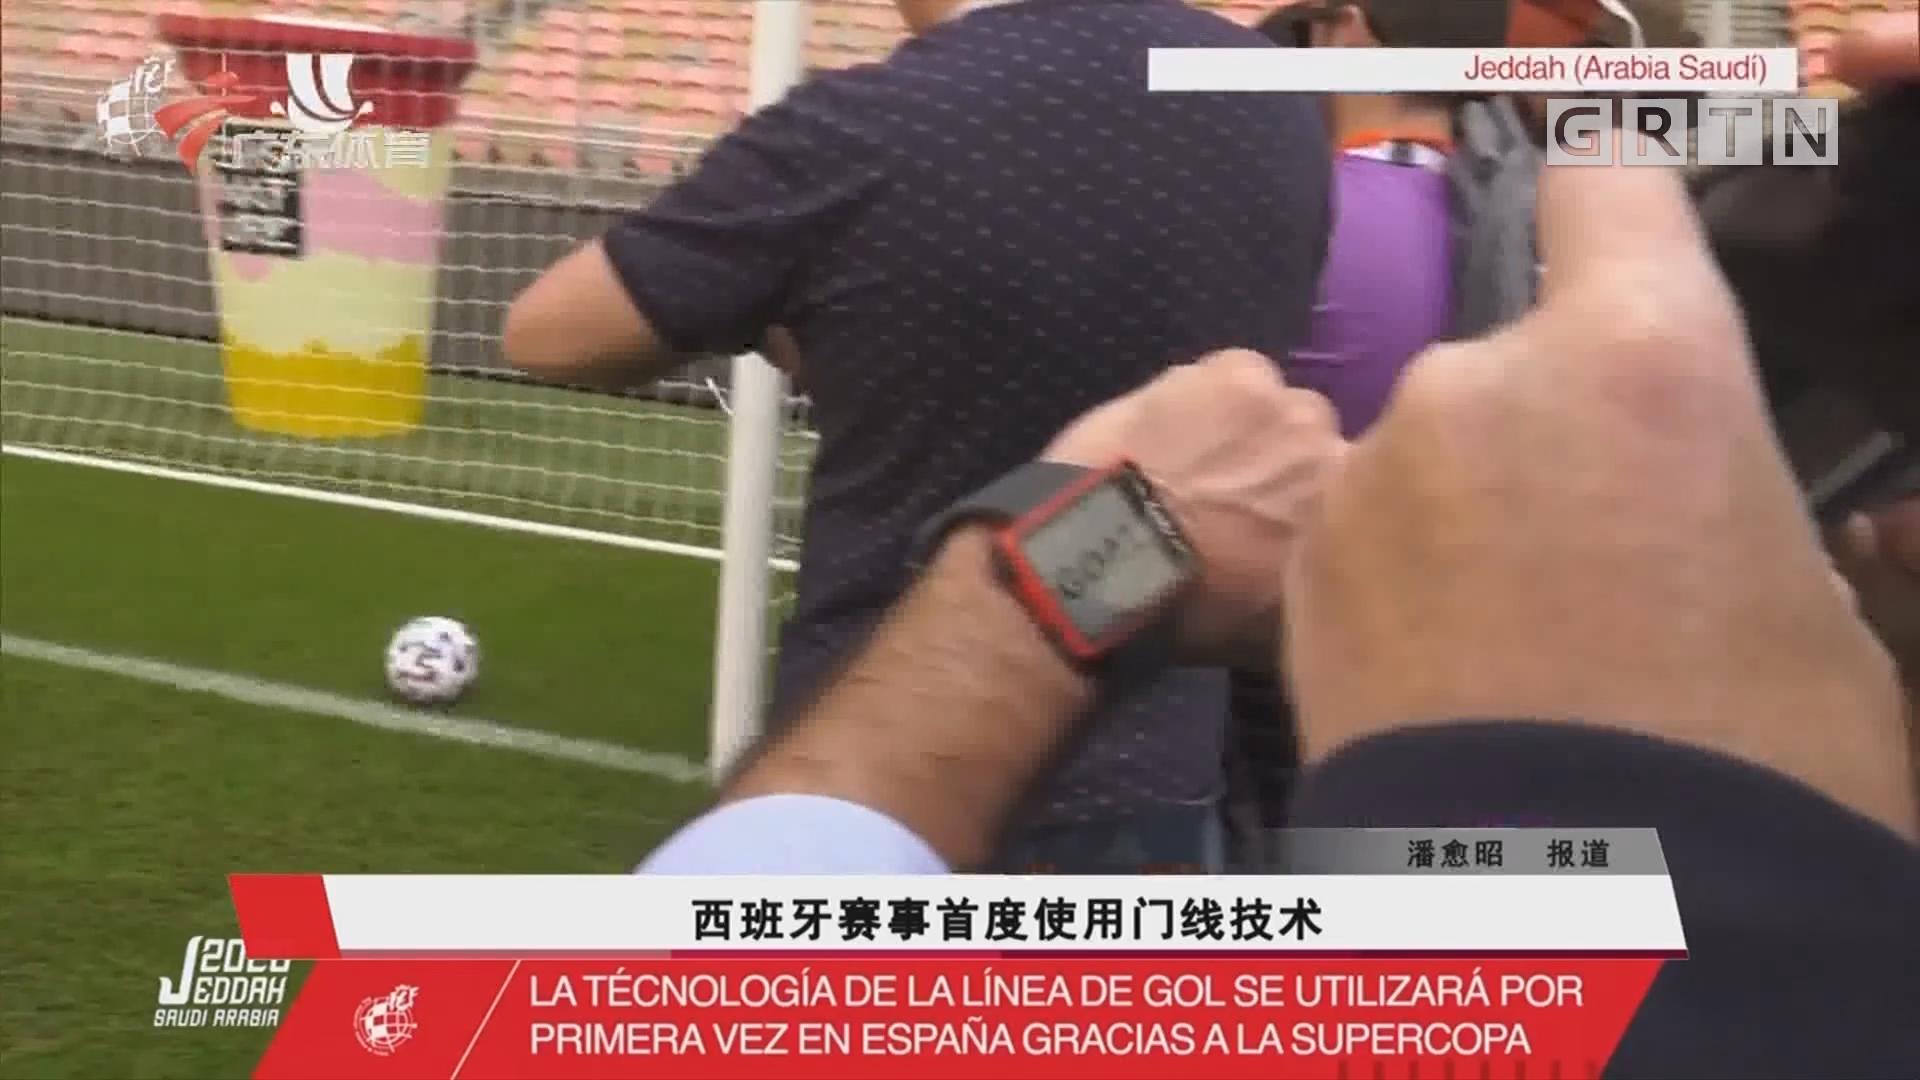 西班牙赛事首度使用门线技术